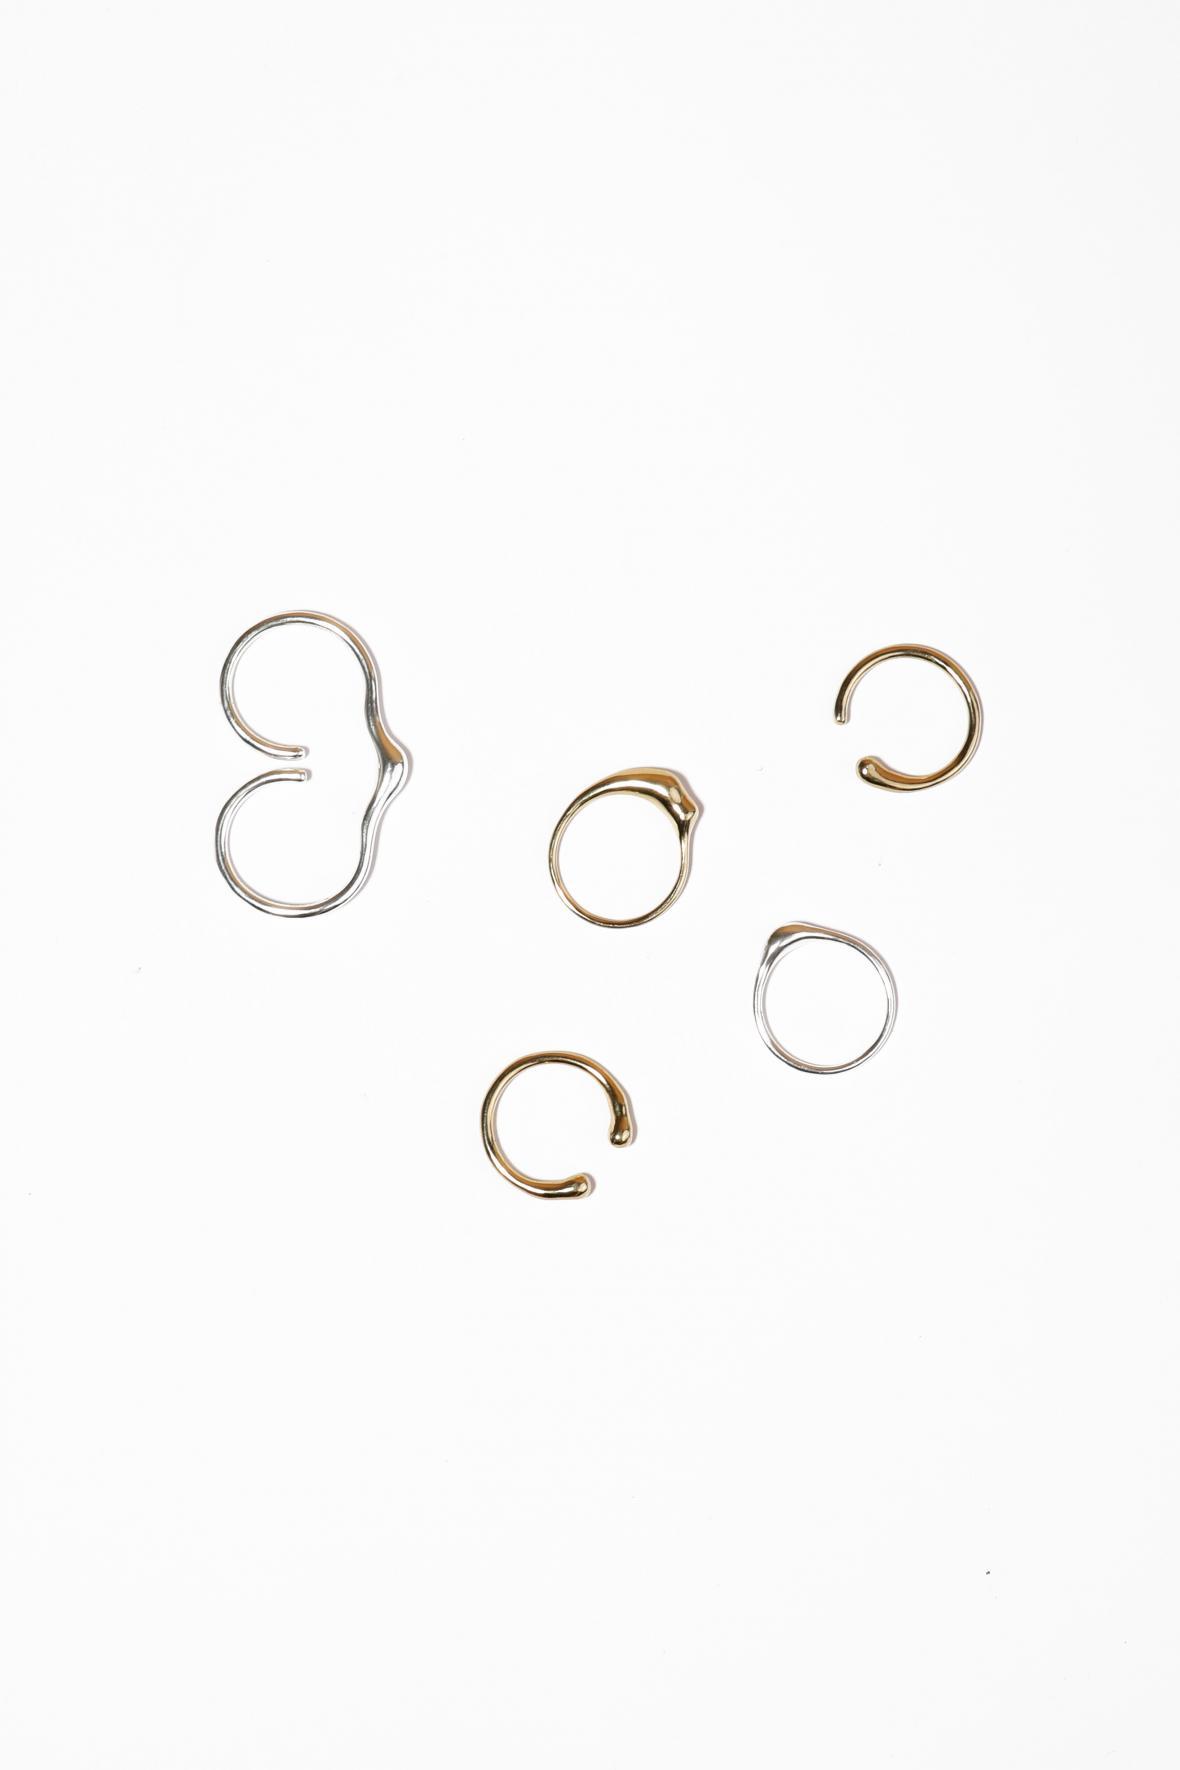 Kolekci šperků So (Eliška Lhotská)